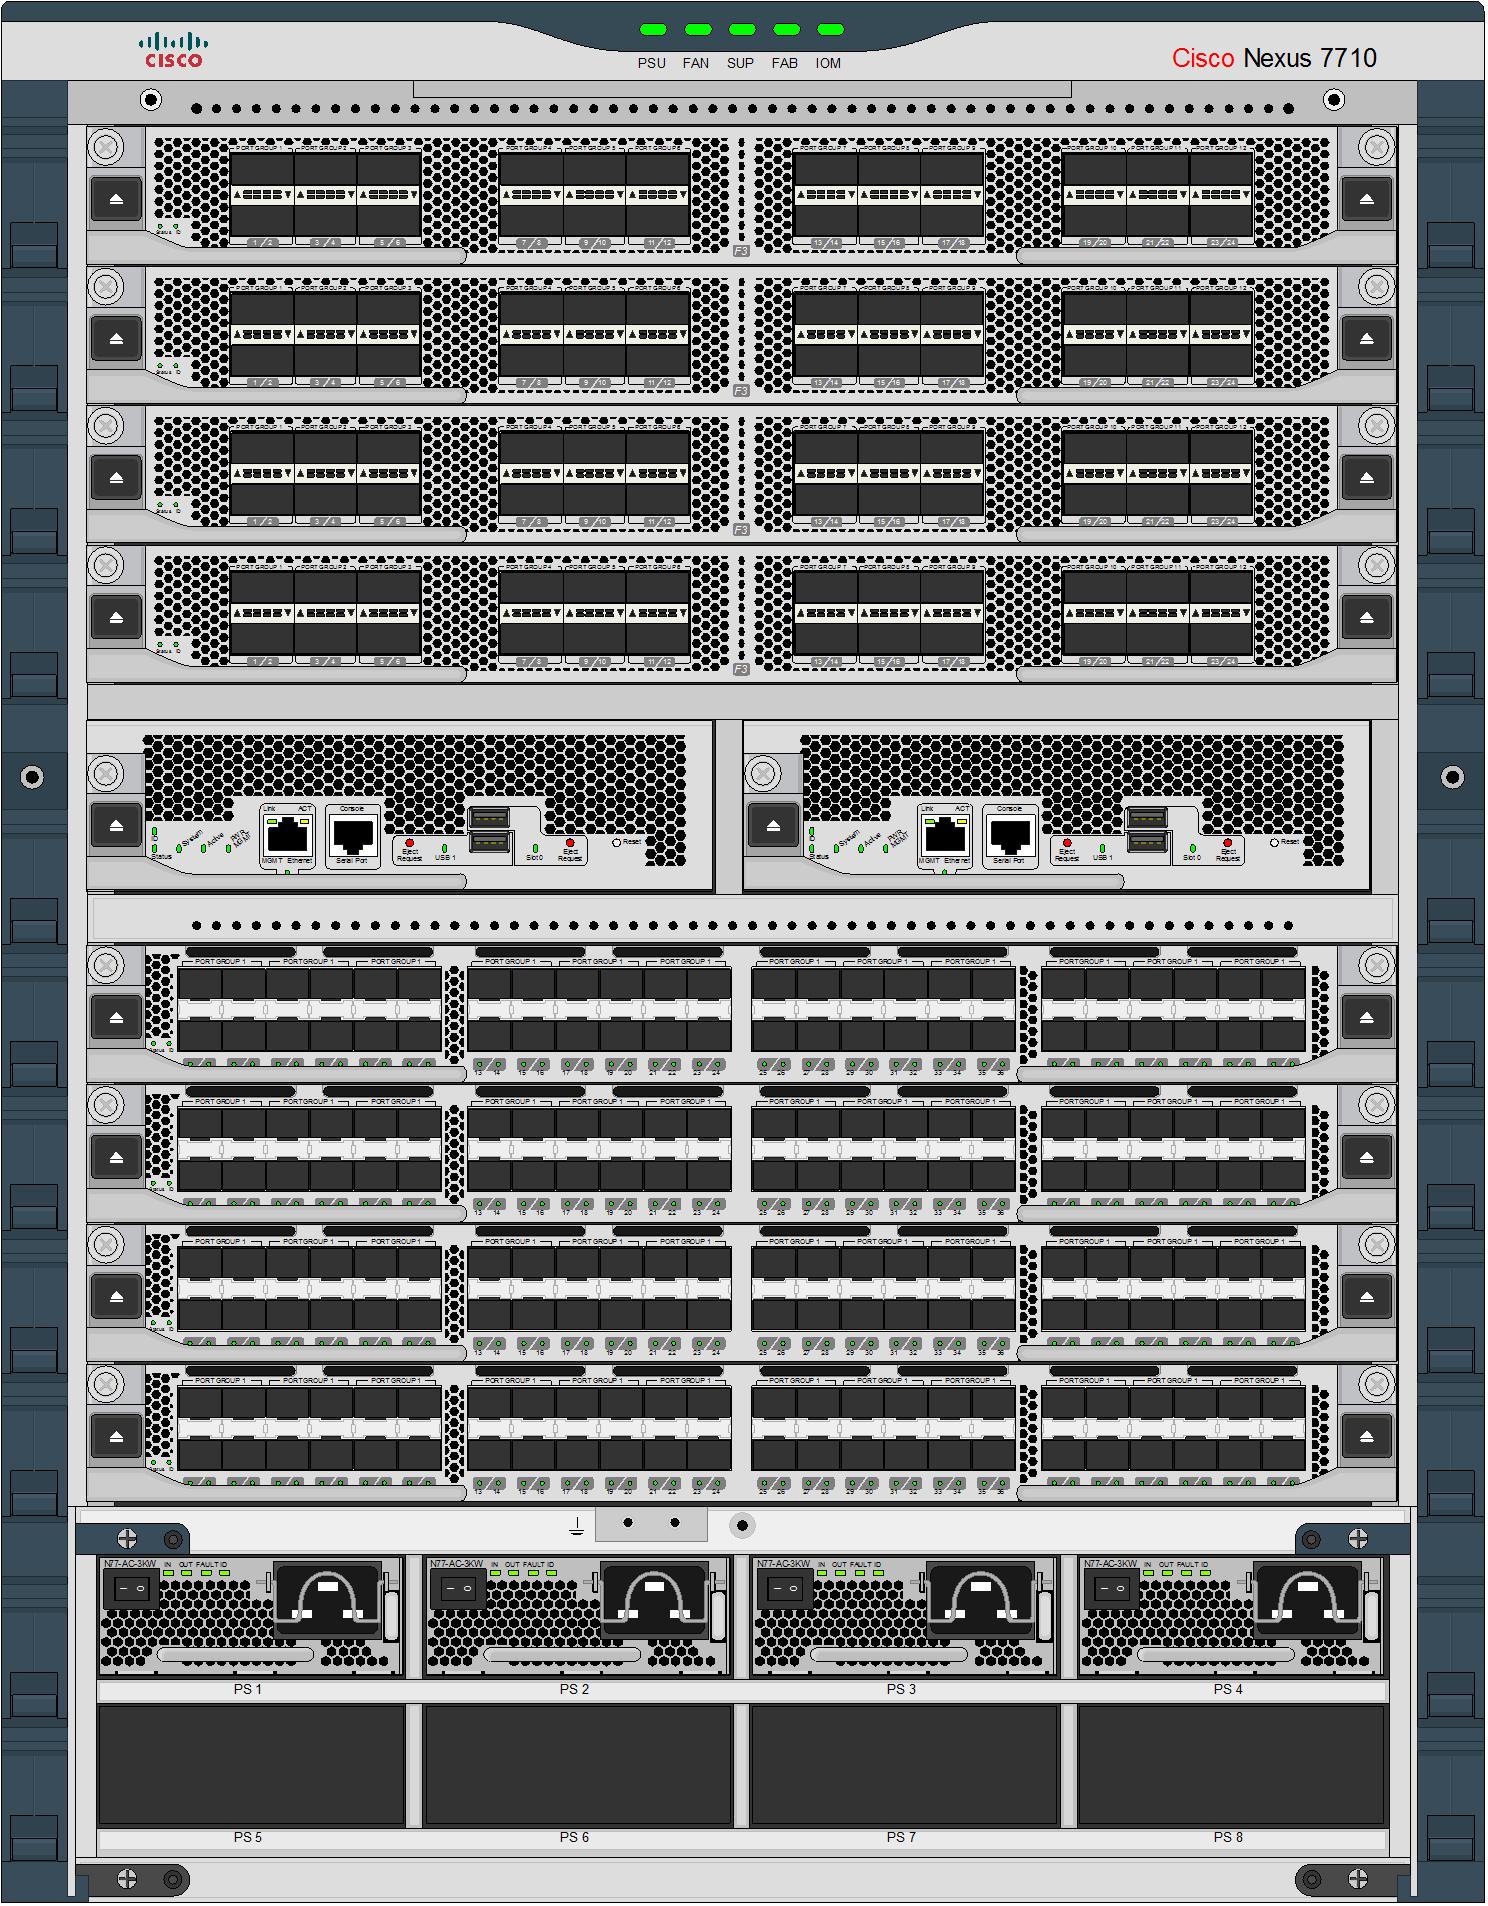 Cisco Nexus 9k - Huisdecoratie ideeën, landschapsarchitectuur en